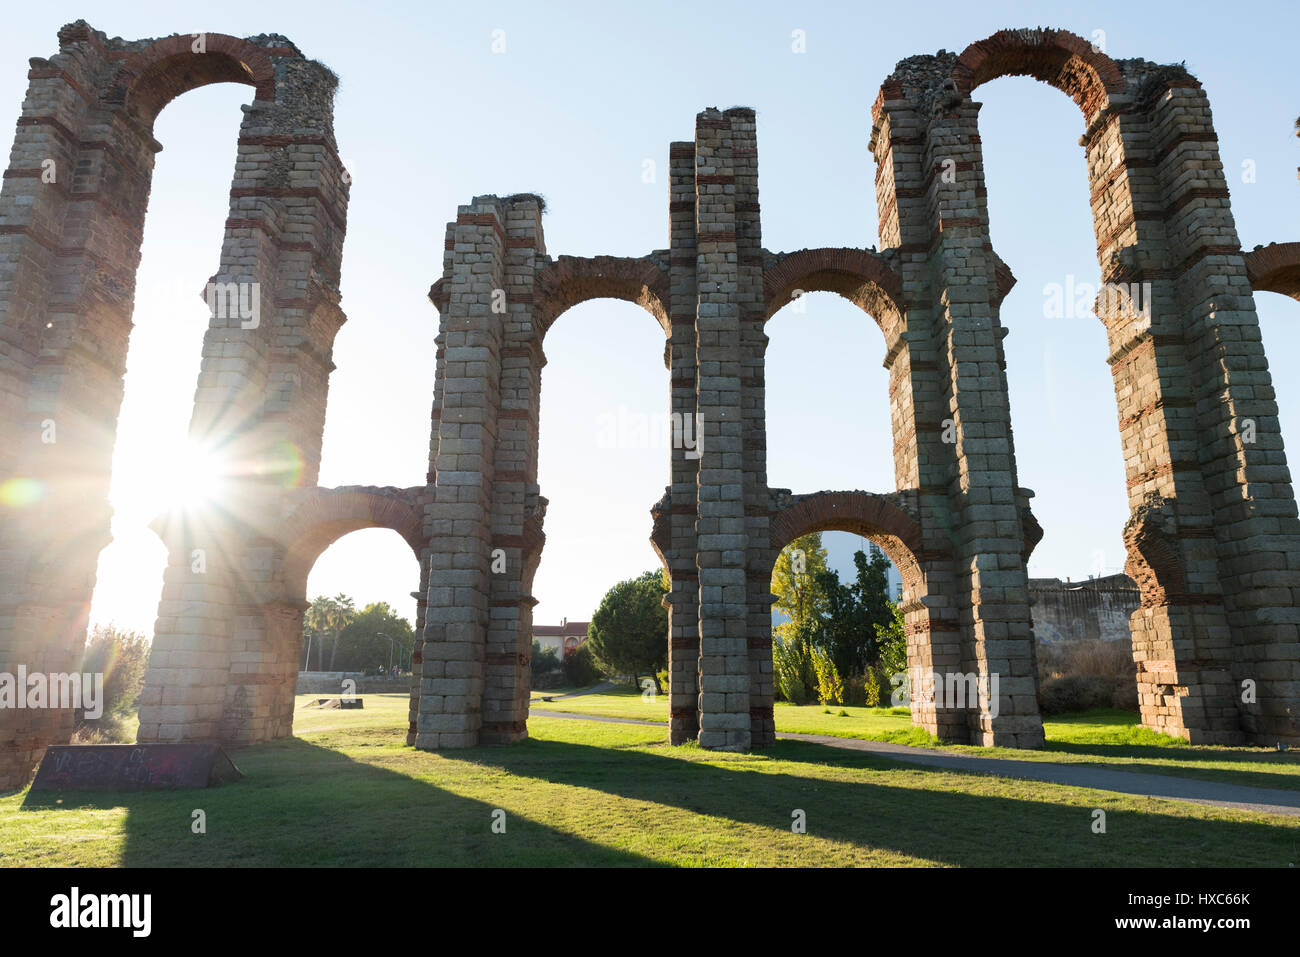 Roman aqueduct in Mérida - Stock Image